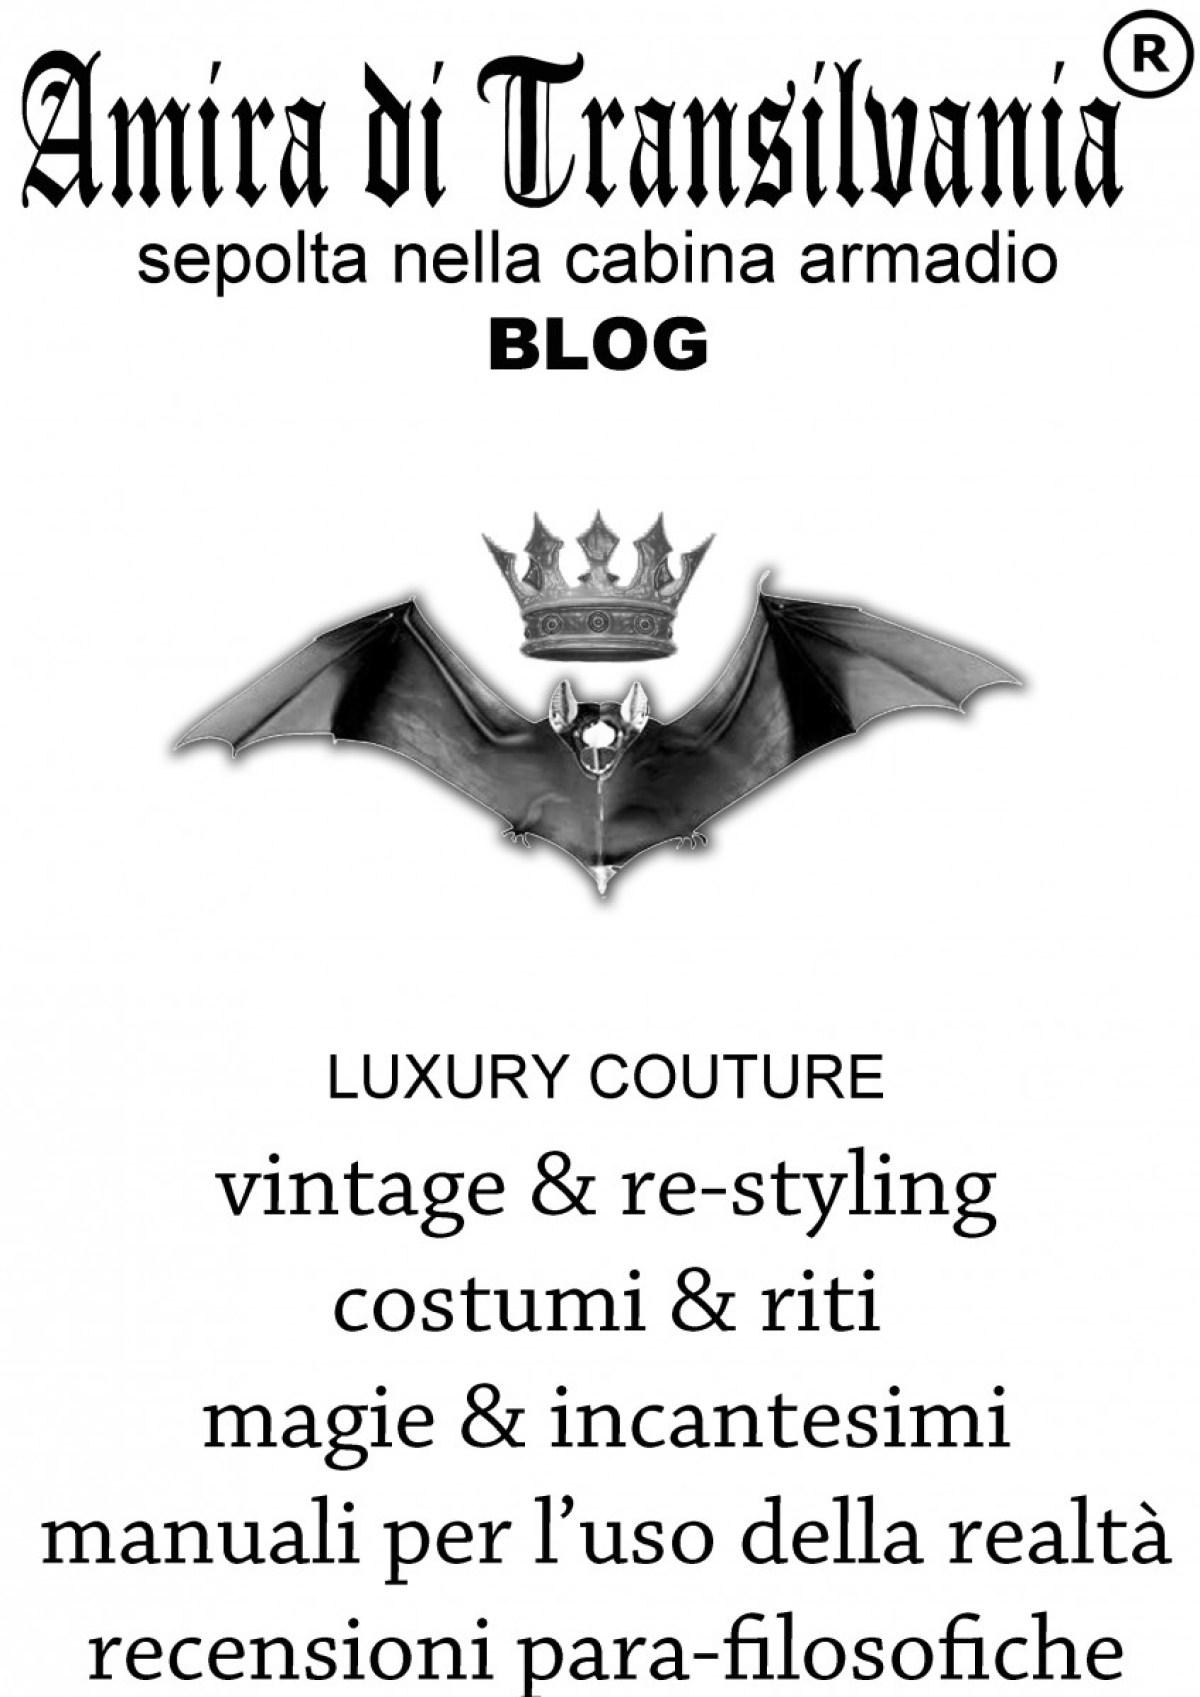 blog presentazione